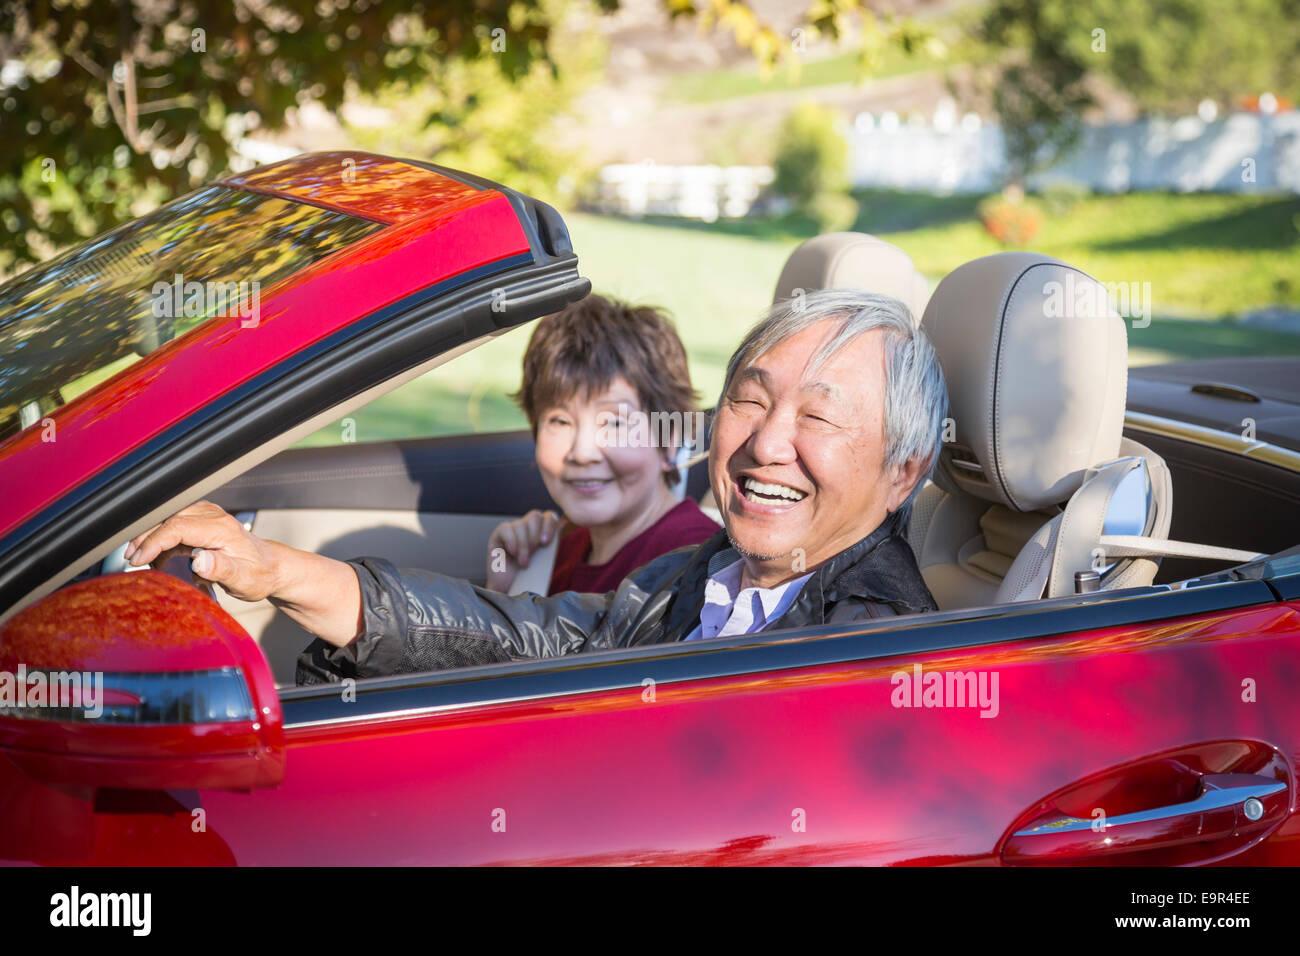 Heureux Couple chinois attrayant bénéficiant d'un après-midi dans leur décapotable. Photo Stock